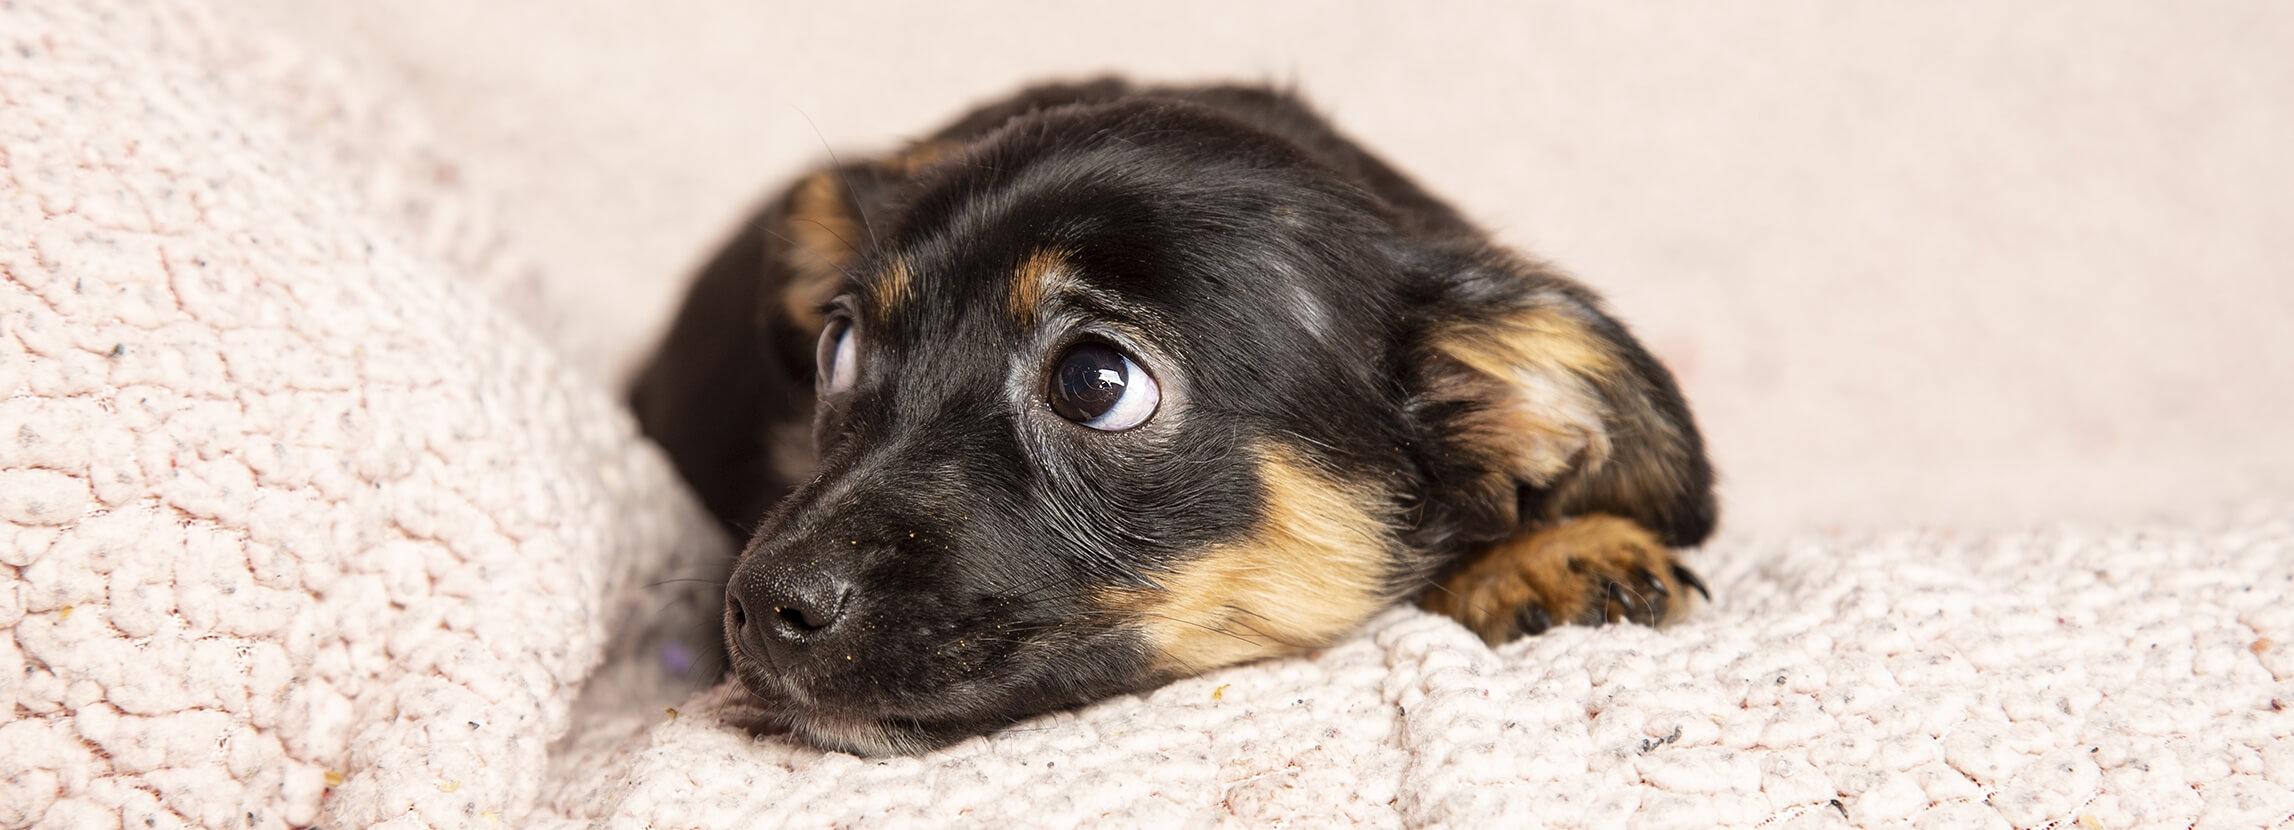 Stres u psa: przyczyny, objawy, zapobieganie